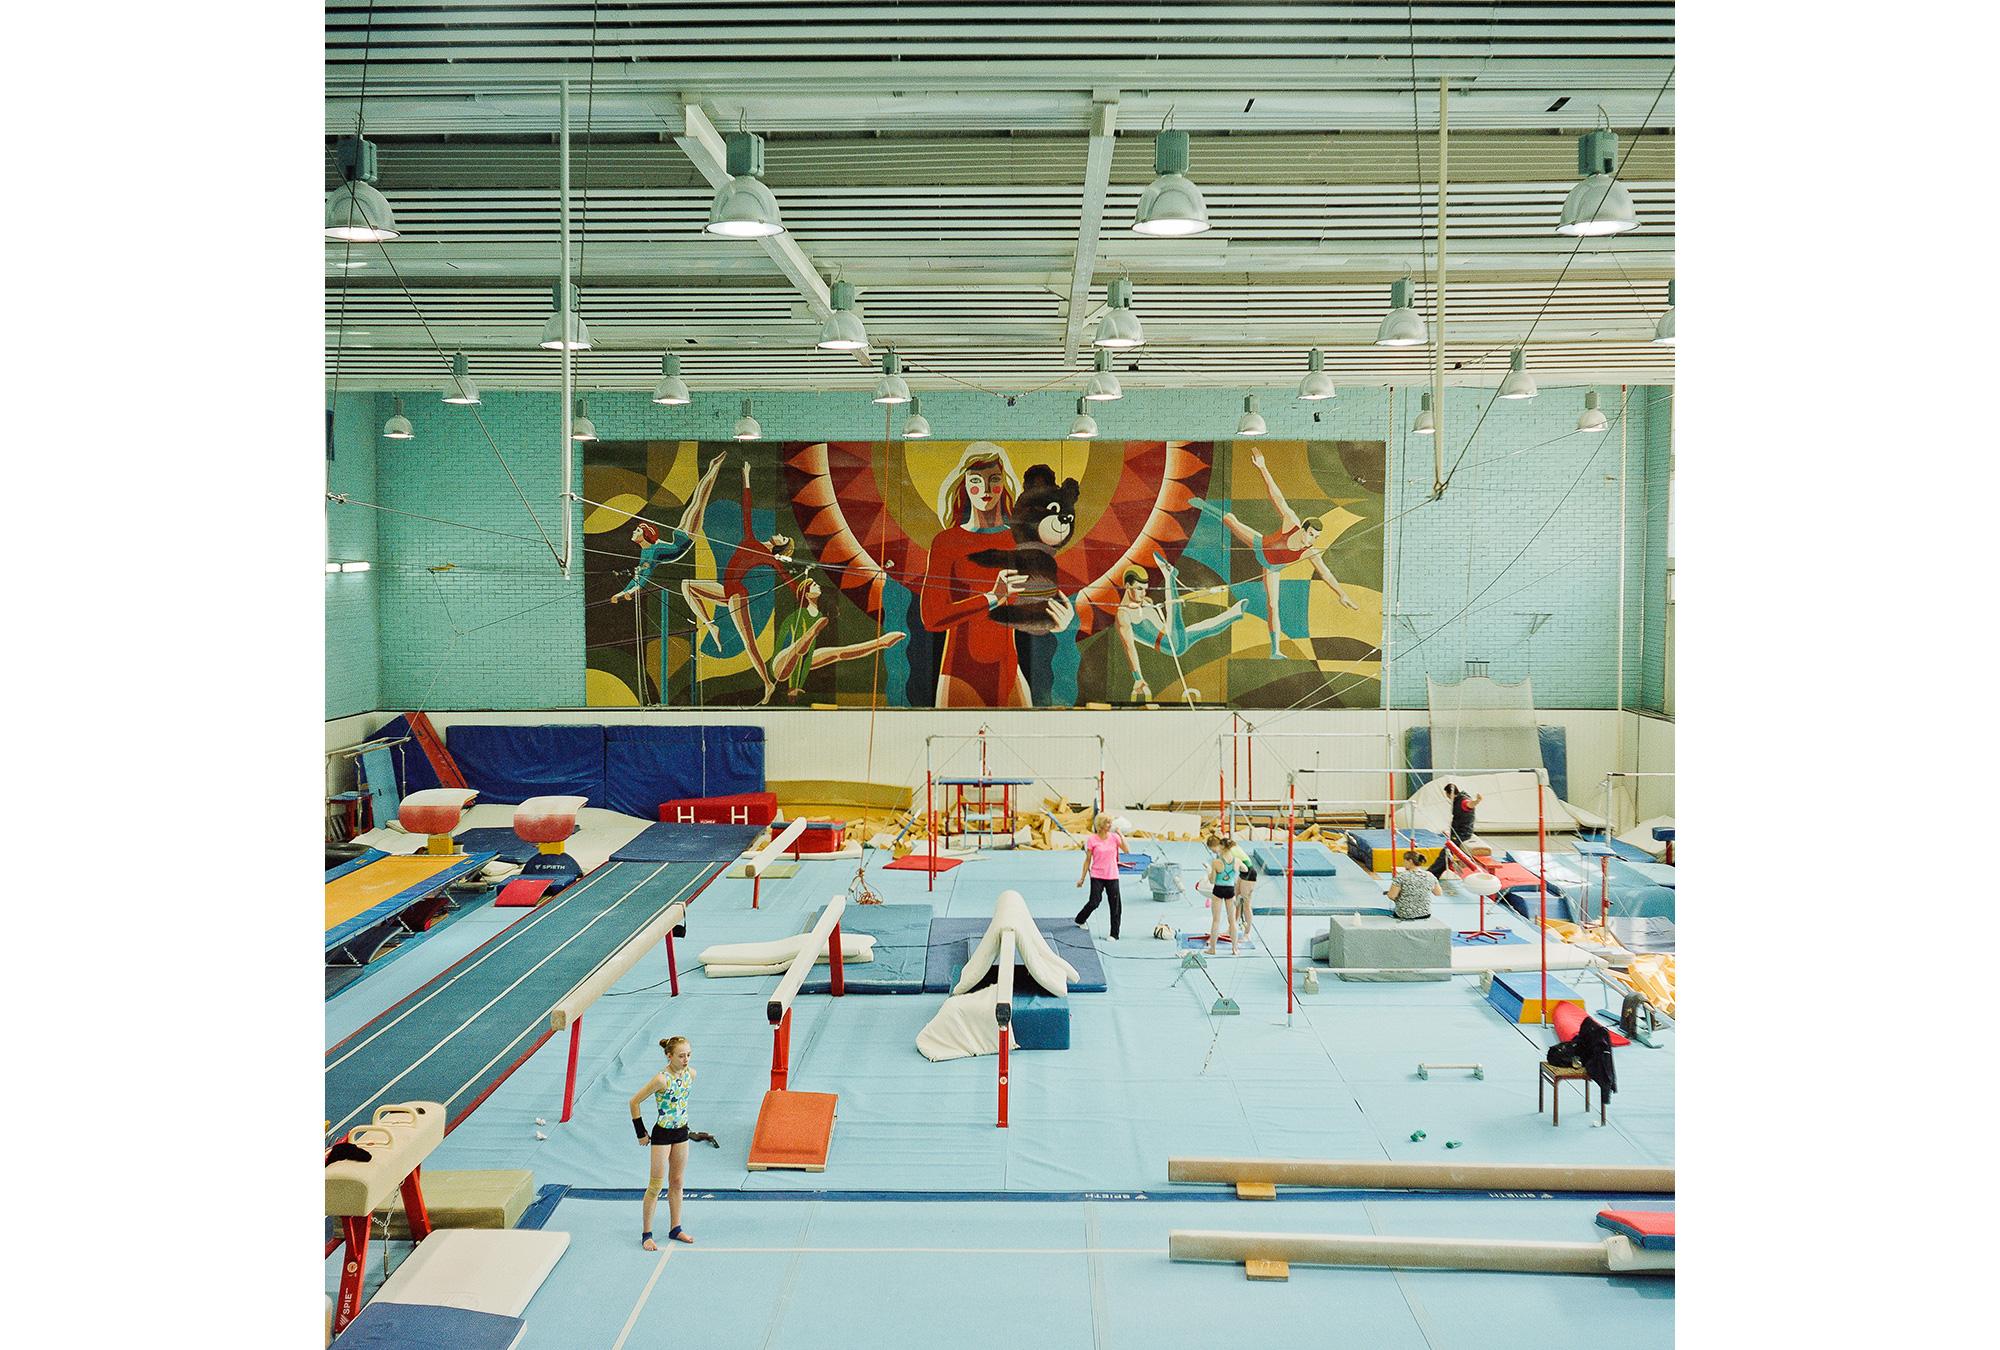 Turnhalle des Olympischen Sportkomplexes in Moskau. Die 1980 fertiggestelltе Sportanlage ist immer noch die größte in Europa. Während der Olympischen Spiele in Moskau fanden hier Wettkämpfe in 22 unterschiedlichen Disziplinen statt. Heutzutage gibt es hier Sport- und Musikveranstaltungen, außerdem Büros, Bars, Cafes, verschiedenste Geschäfte und einen Kleidermarkt.